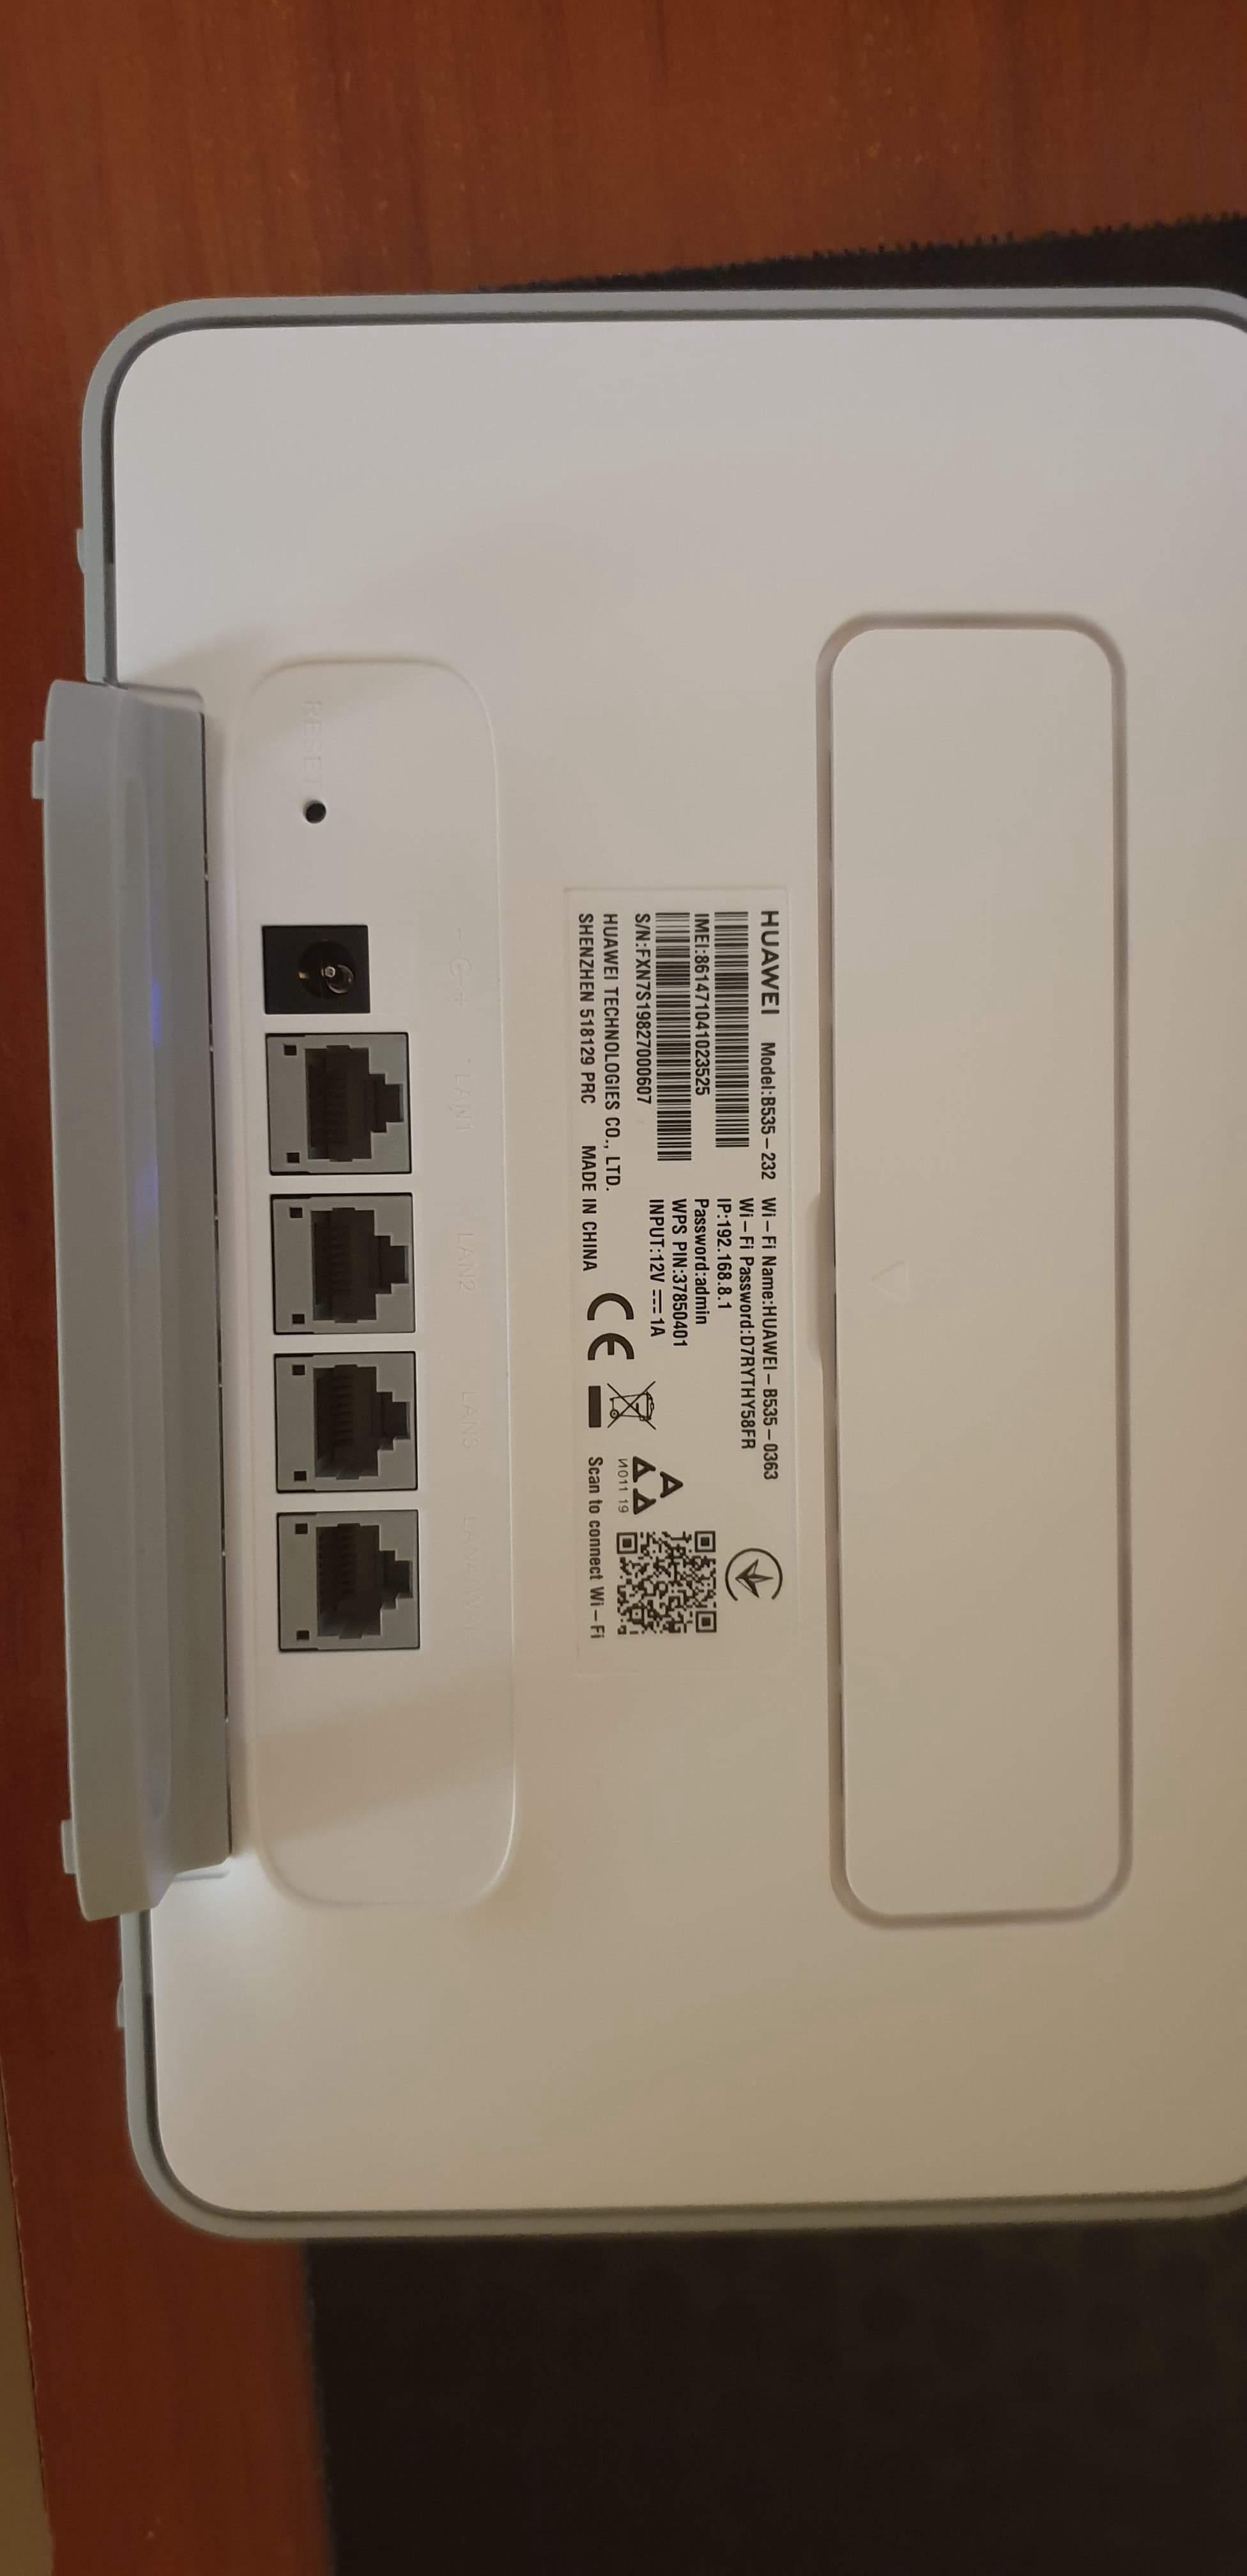 Dobór anteny do huawei jaka dobrać  - elektroda pl